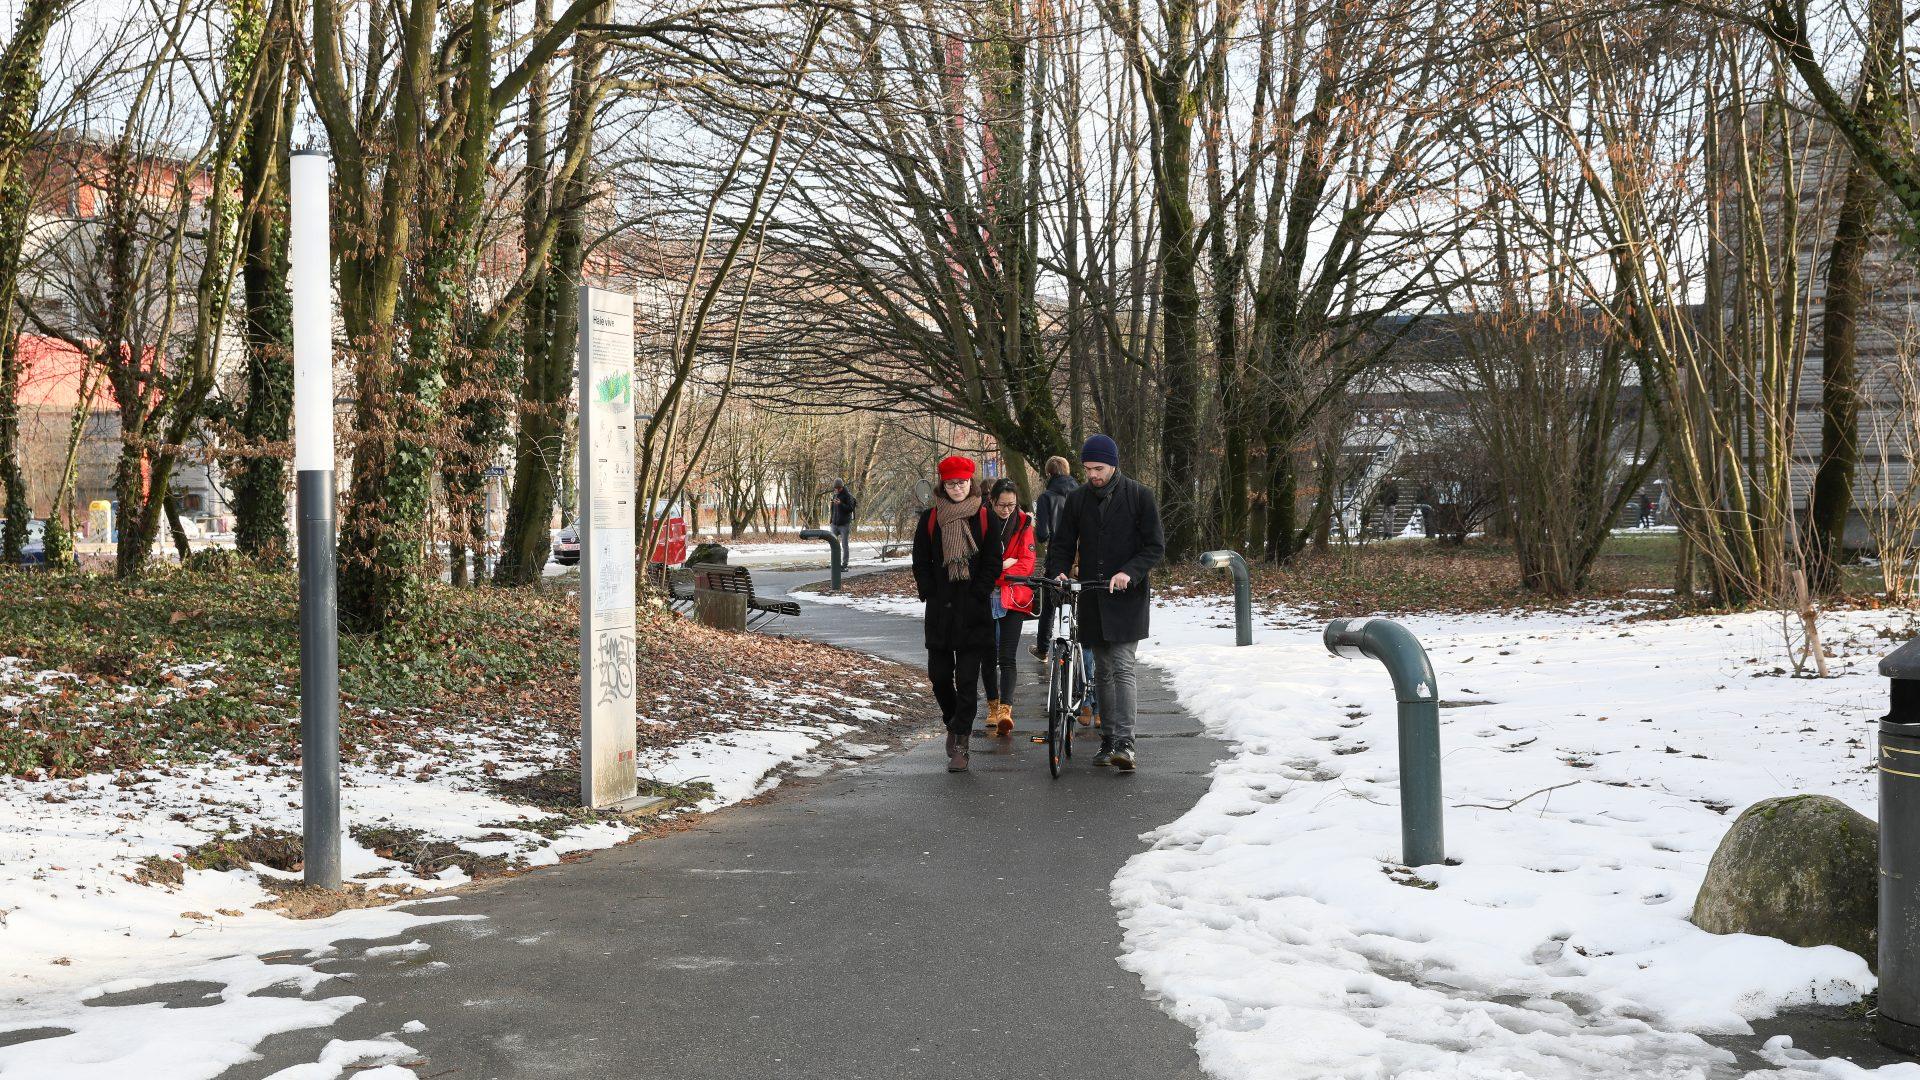 Des étudiants marchant dans la neige